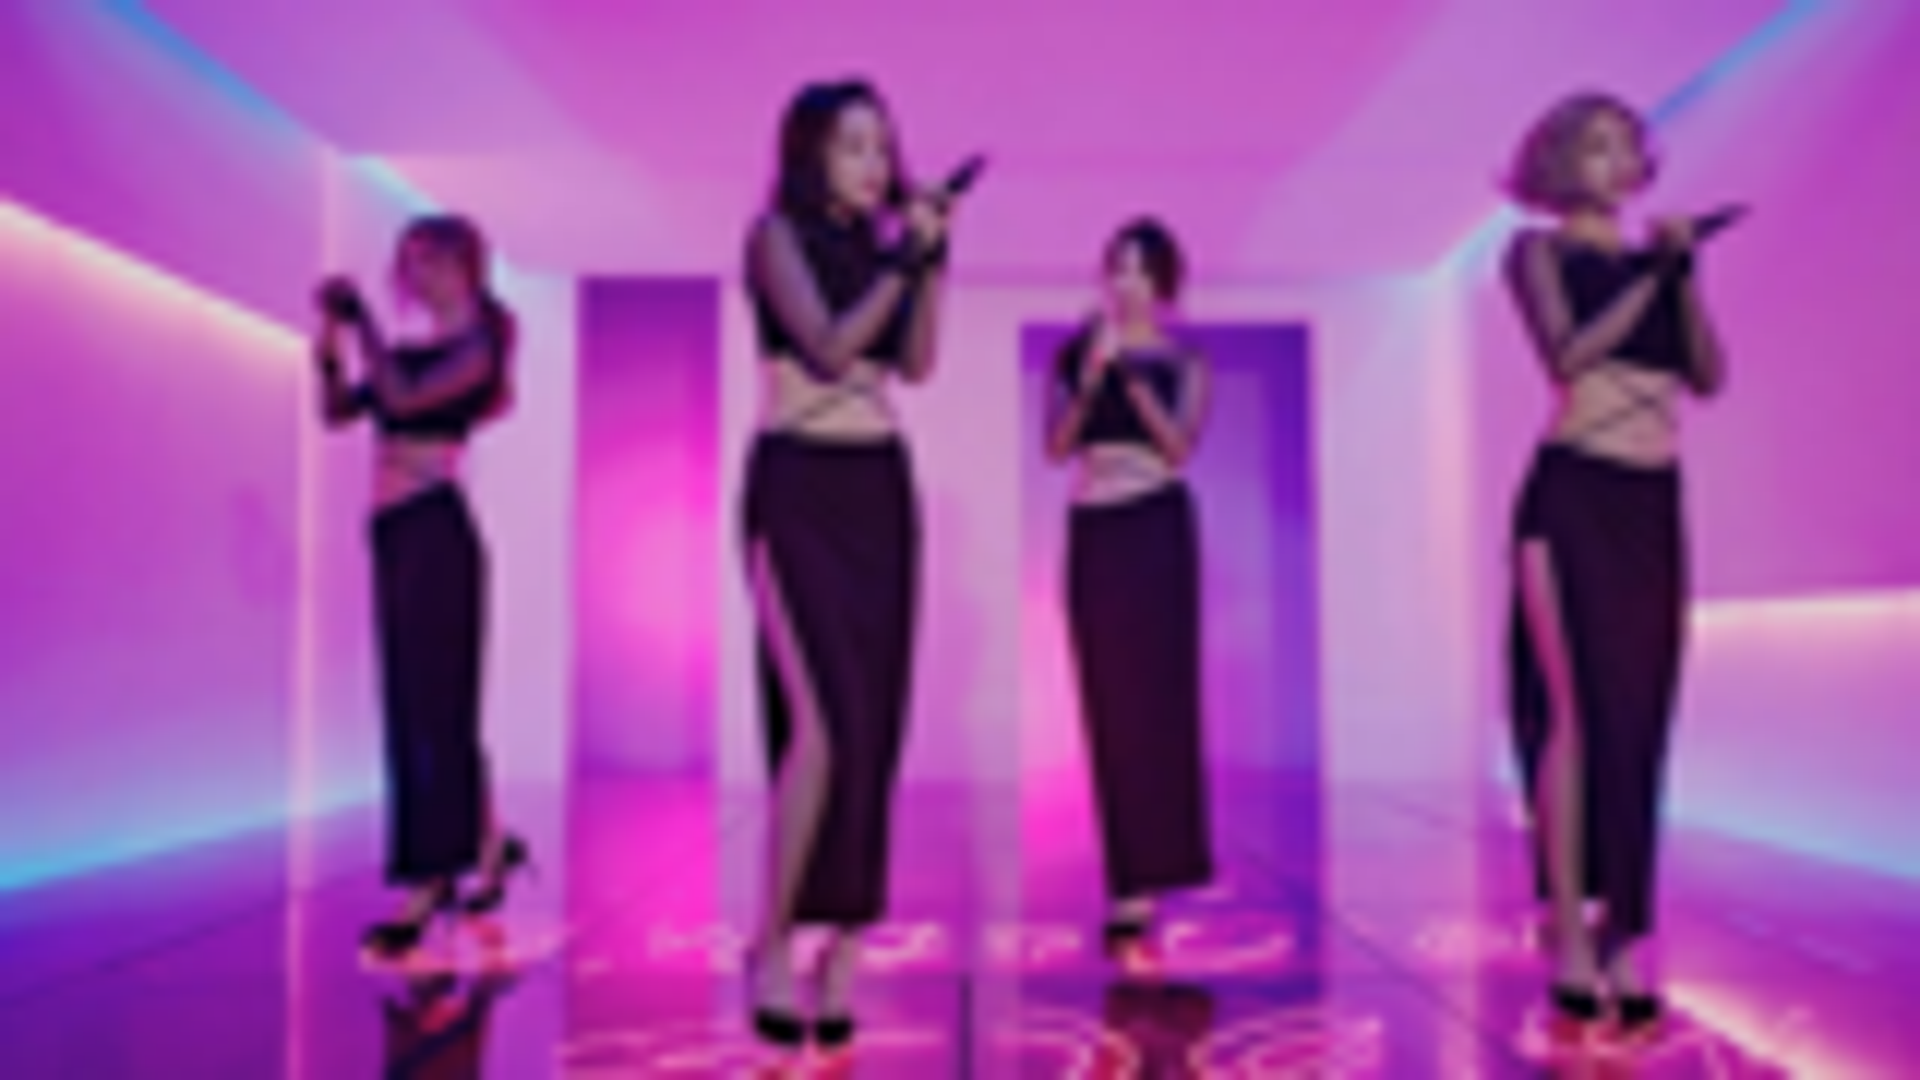 韩国性感mv Top10  No.1 Girl s Day - Something